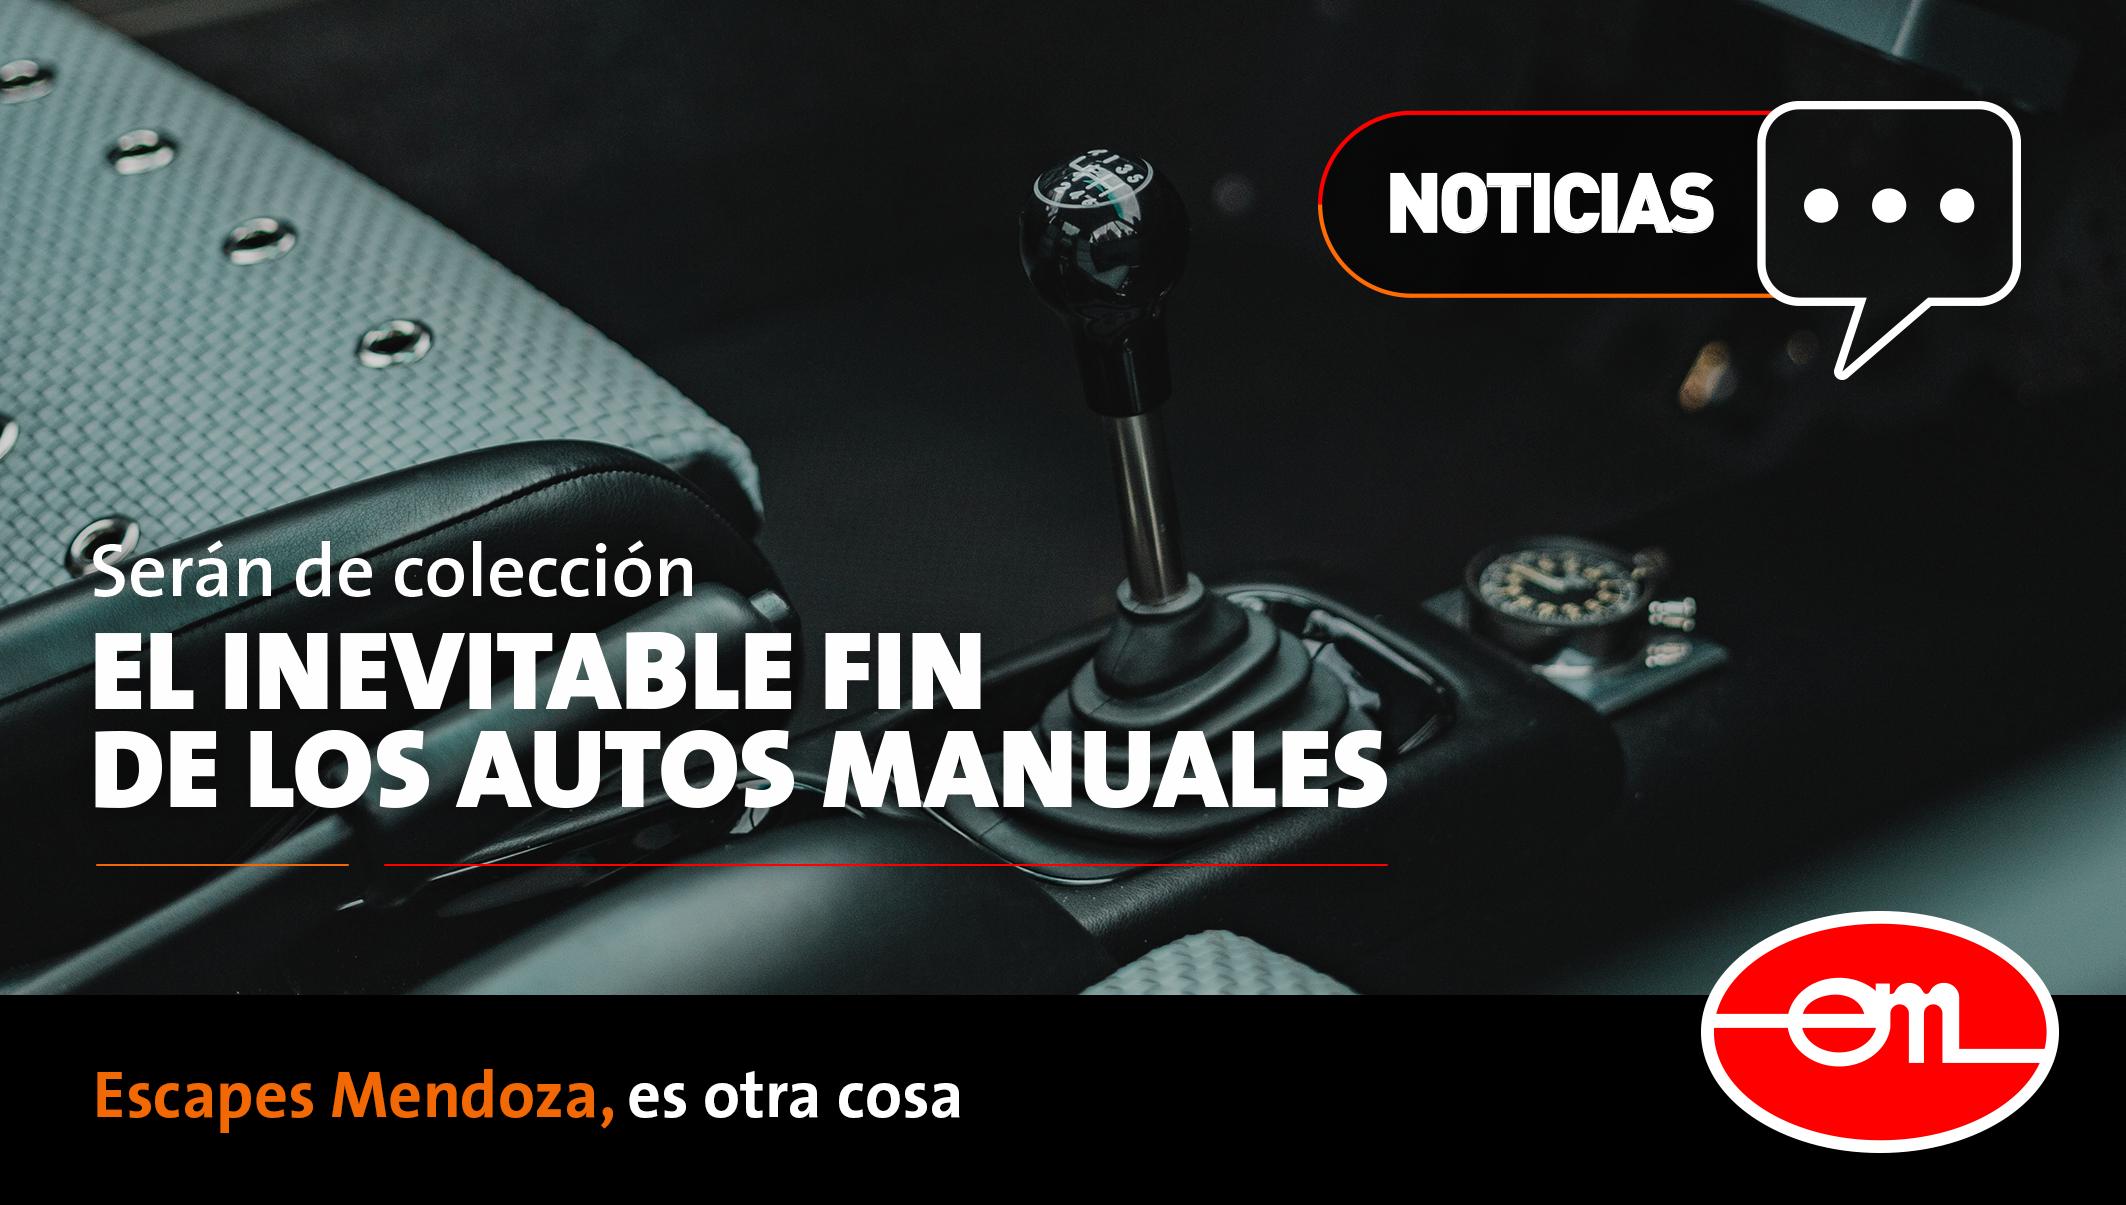 El fin de los autos manuales